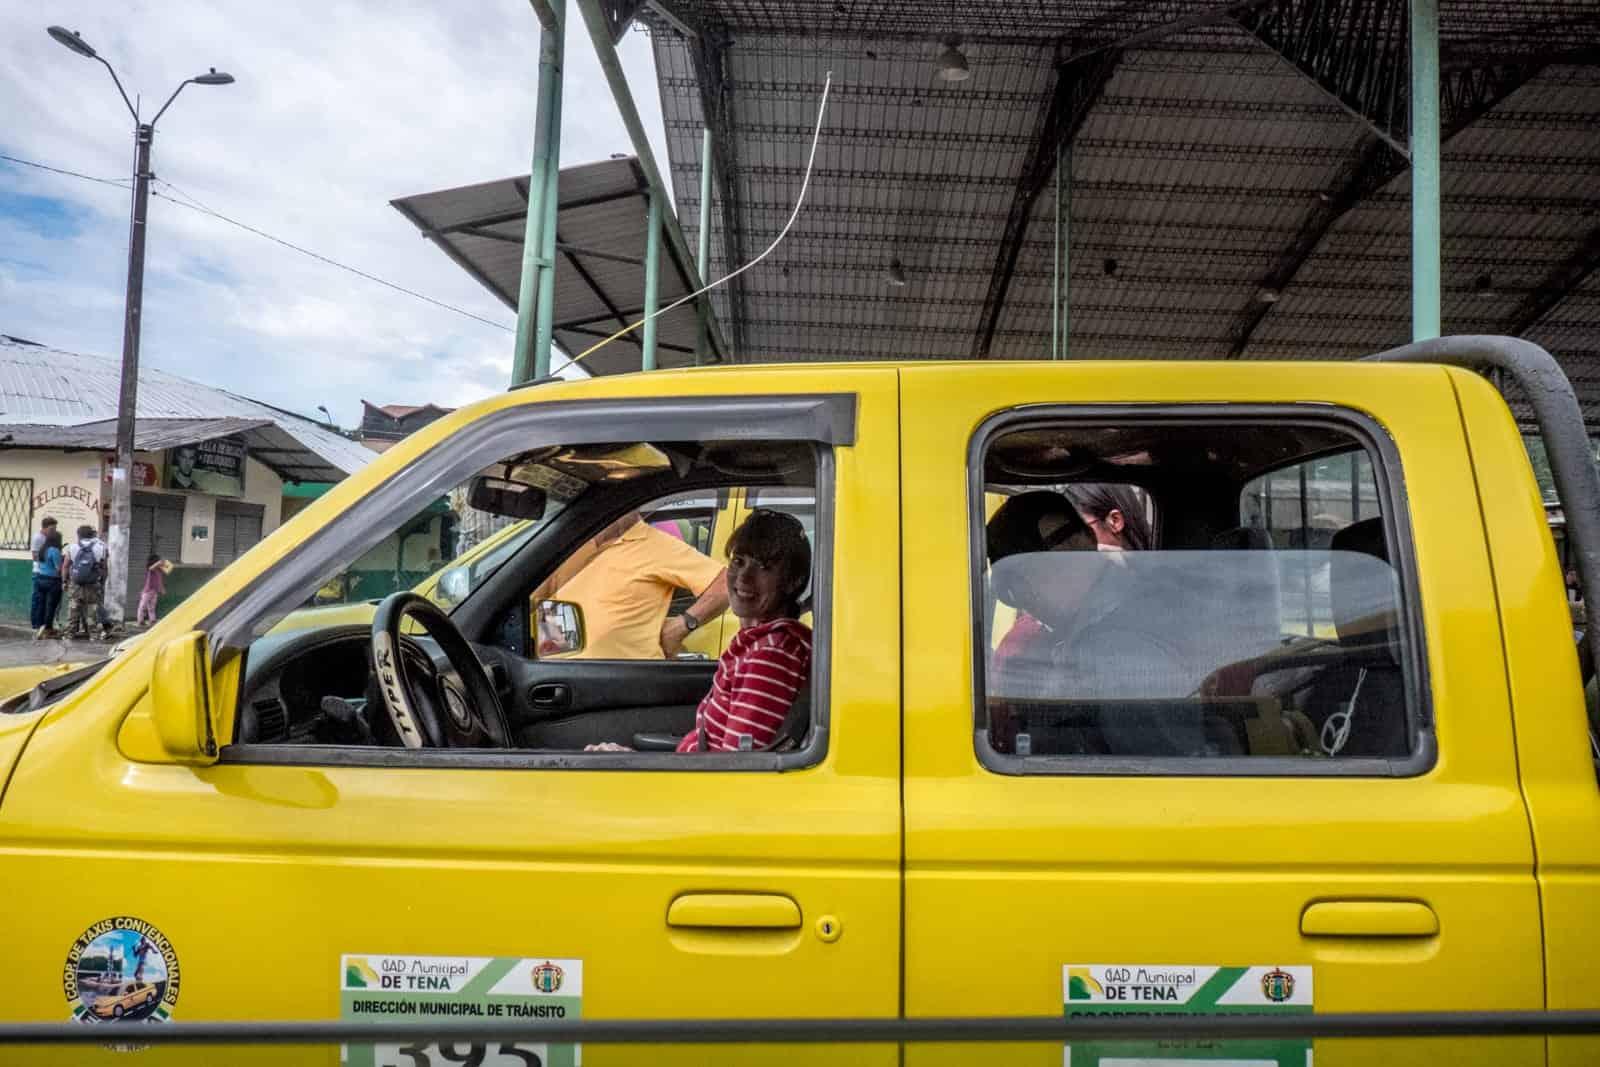 Taxi en Tena y el camino a la selva tropical de la Amazonía ecuatoriana